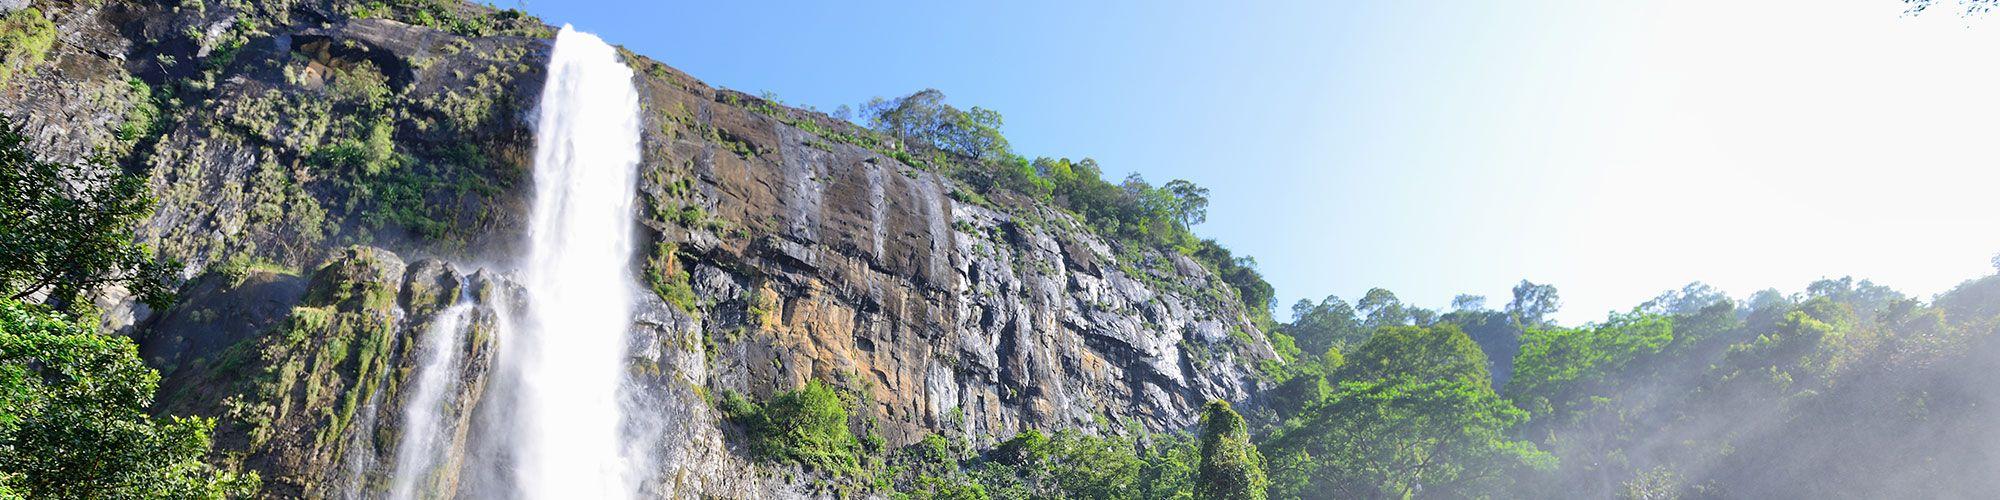 Sri Lanka, Wasserfall, Wanderung